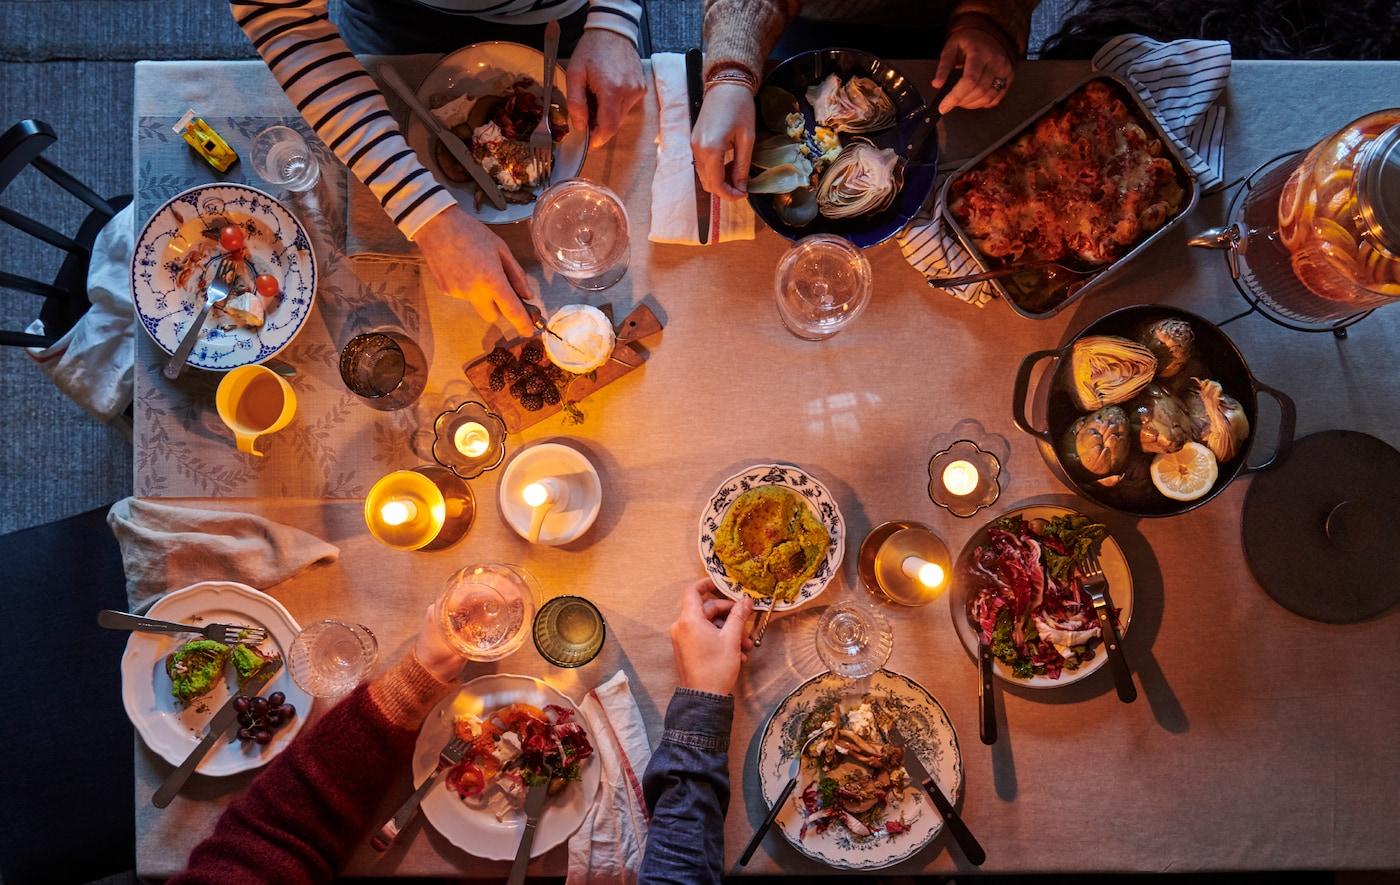 Prikaz blagovaonskog stola postavljenog za jelo na jednobojnom stolnjaku i neusklađene kombinacije posuđa za jelo, ubrusa i svijeća.